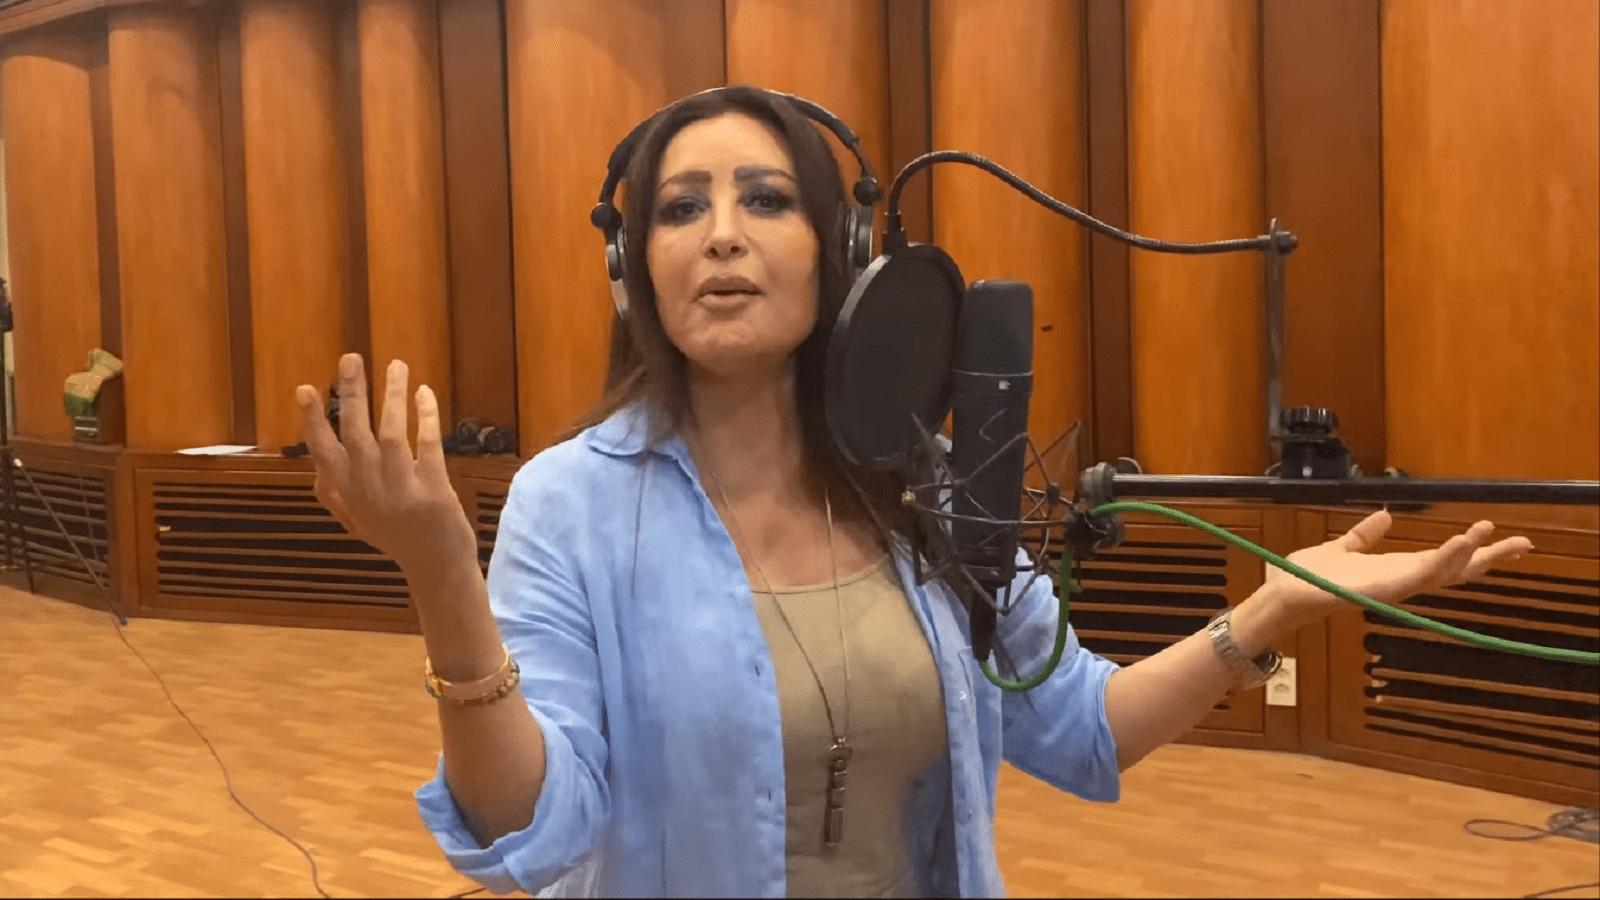 """أغنية لطيفة """"يحيا الشعب"""" تتسبب بفضيحة لتلفزيون تونس.. اضطر لحذفها بعد انتقادات حادة"""